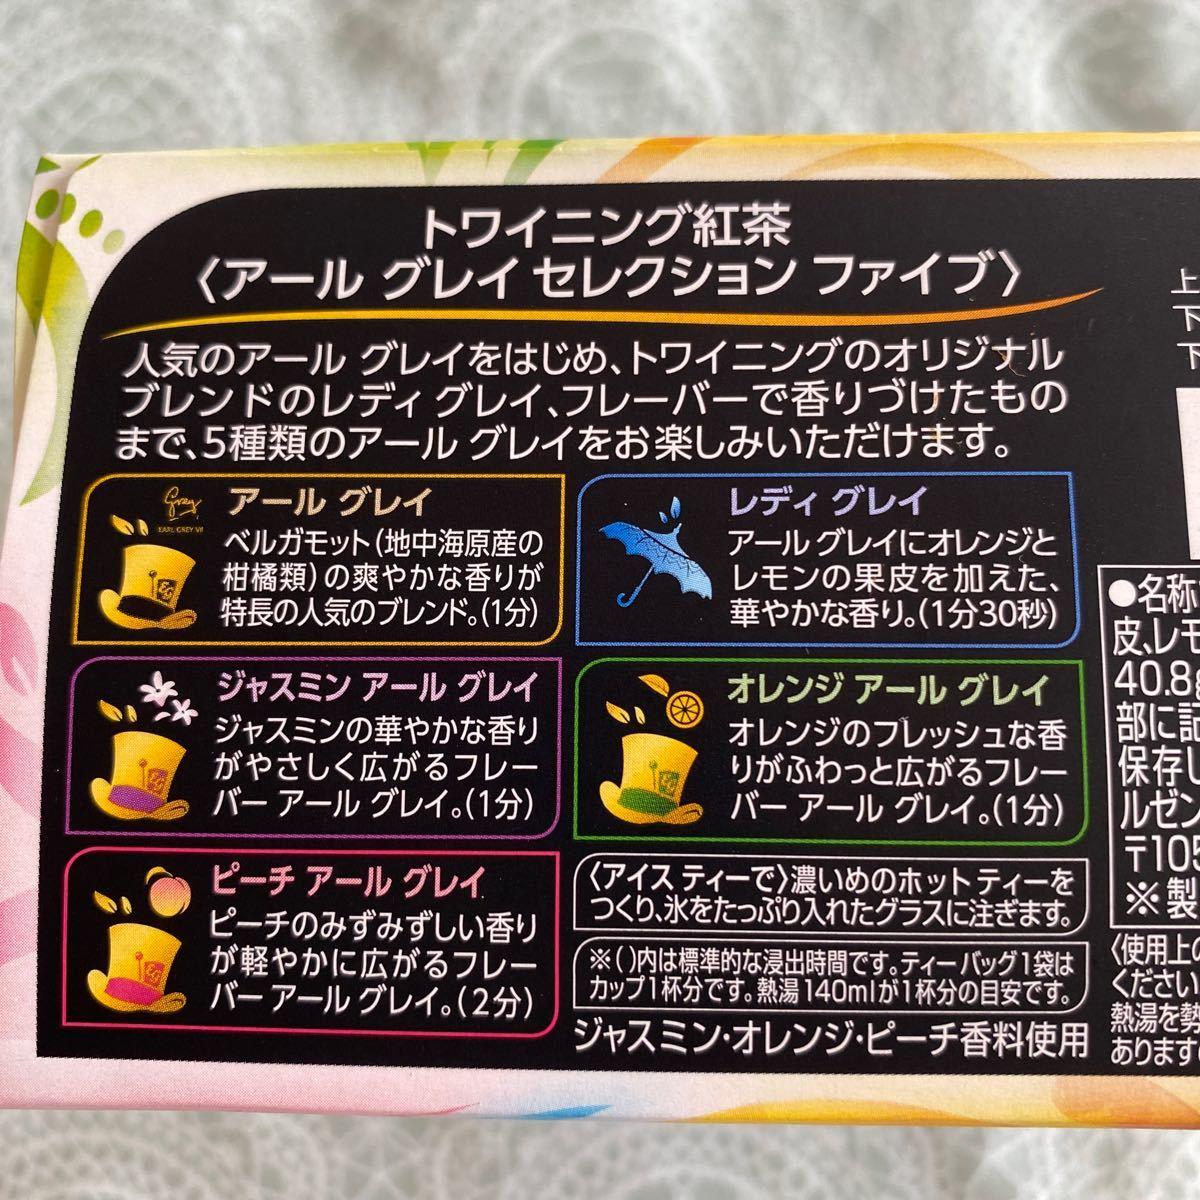 トワイニング アールグレイセレクションファイブ 五種のアールグレイ ティーパック